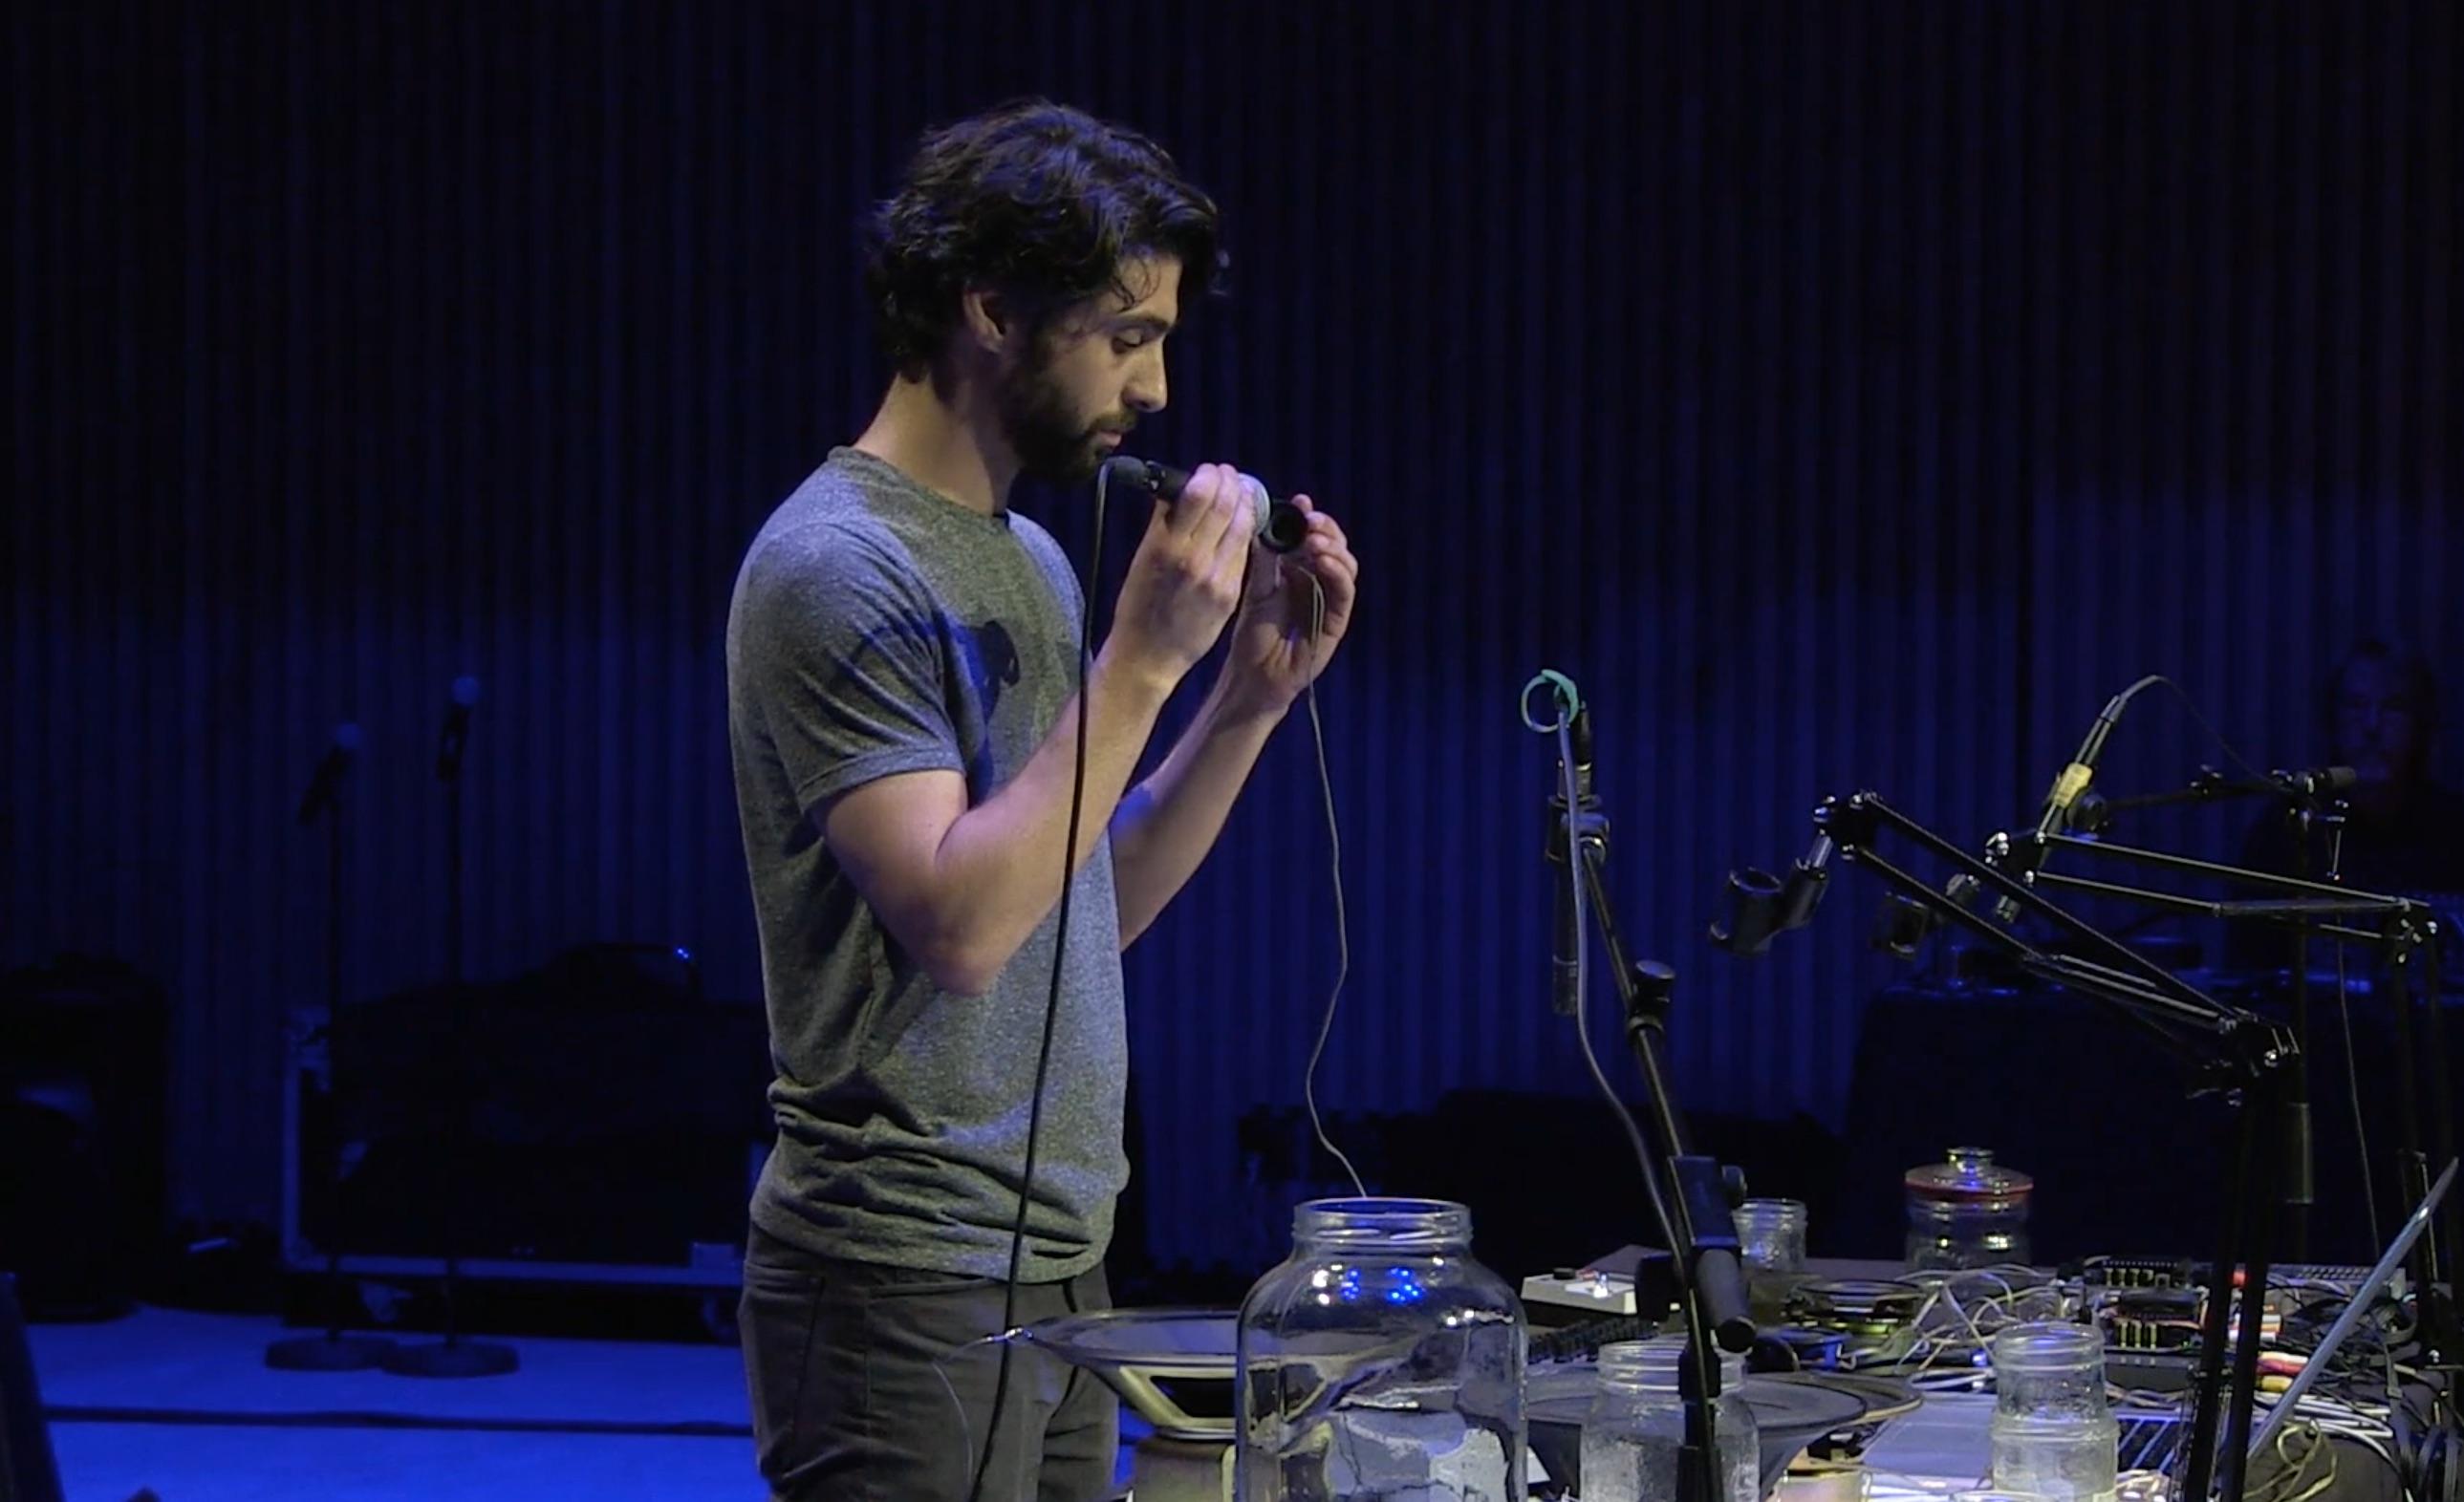 Adam Basanta performs Small Movements.